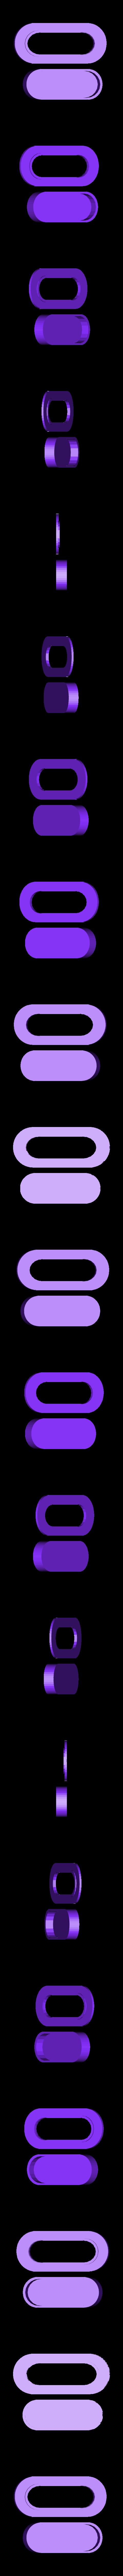 poignée.stl Download free STL file sliding door handle • 3D printer design, domarbonne